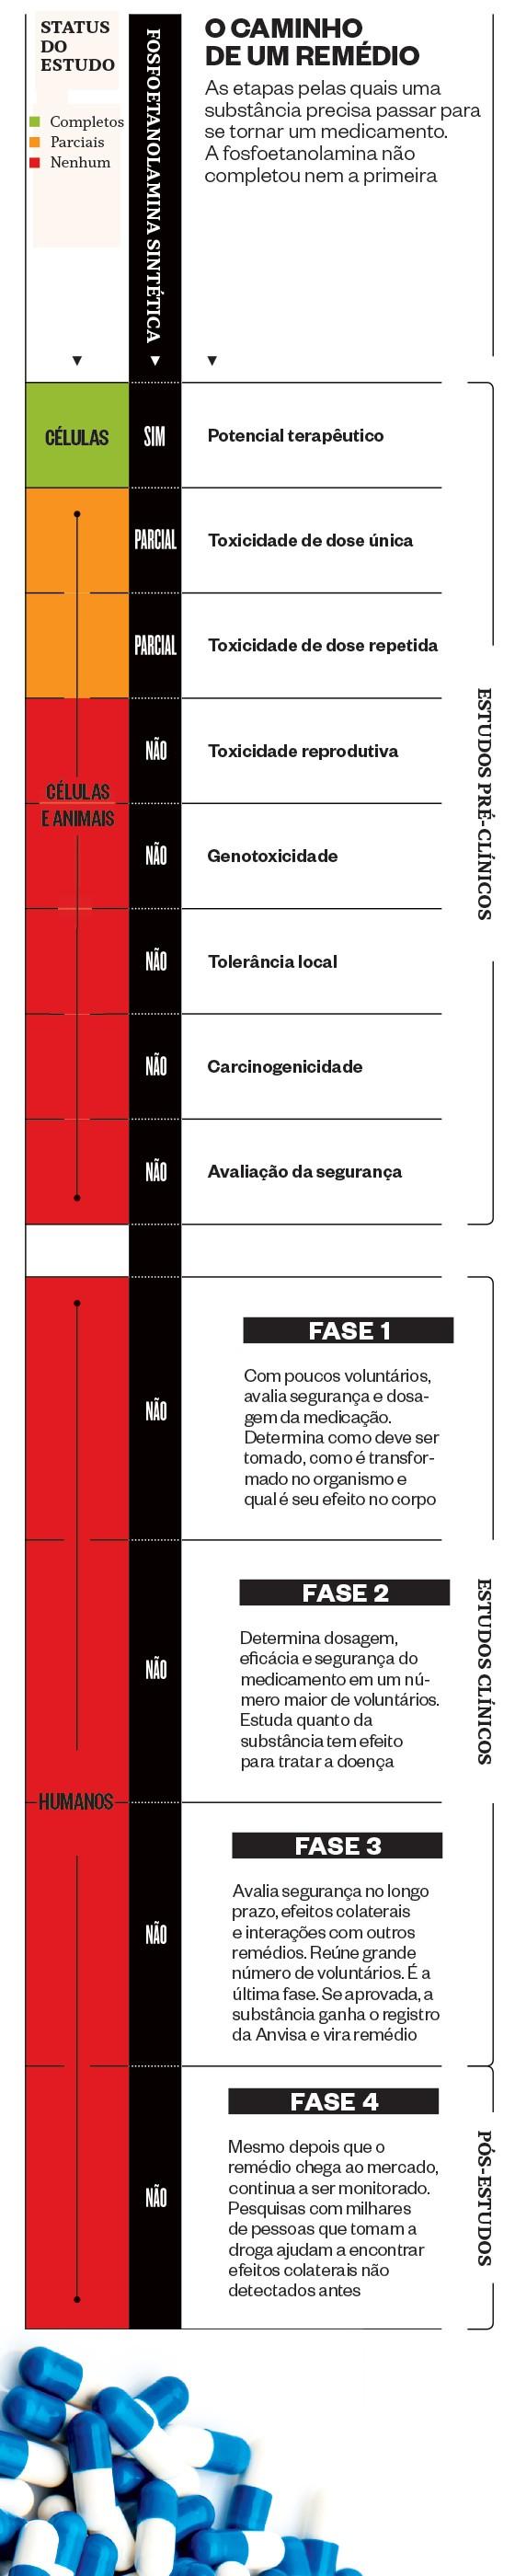 O caminho de um remédio (Foto: Revista ÉPOCA/Reprodução)